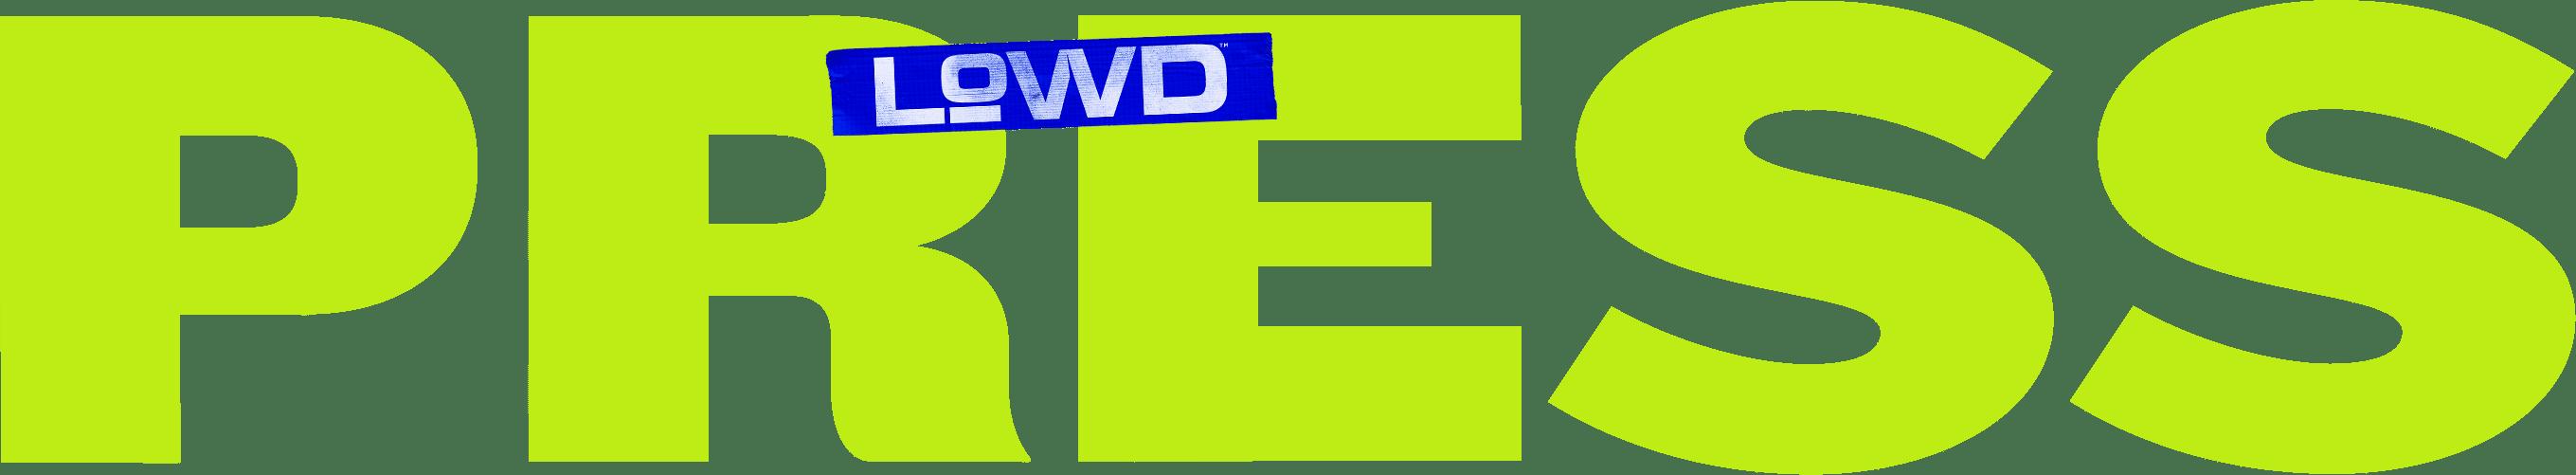 LOWD™ Press